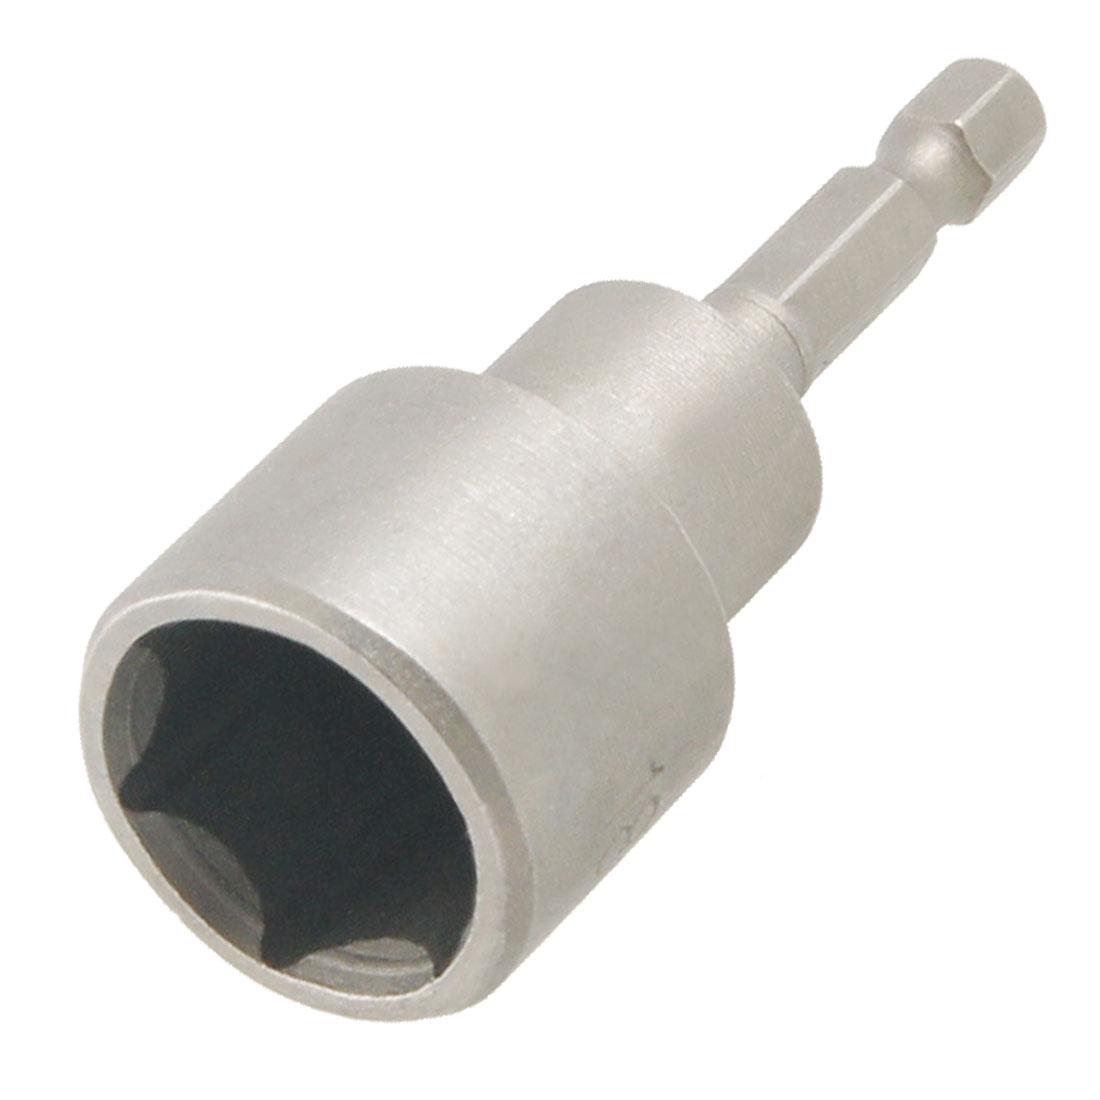 65mm Length Magnetic 18mm Hex Socket Nut Driver Setter Gray